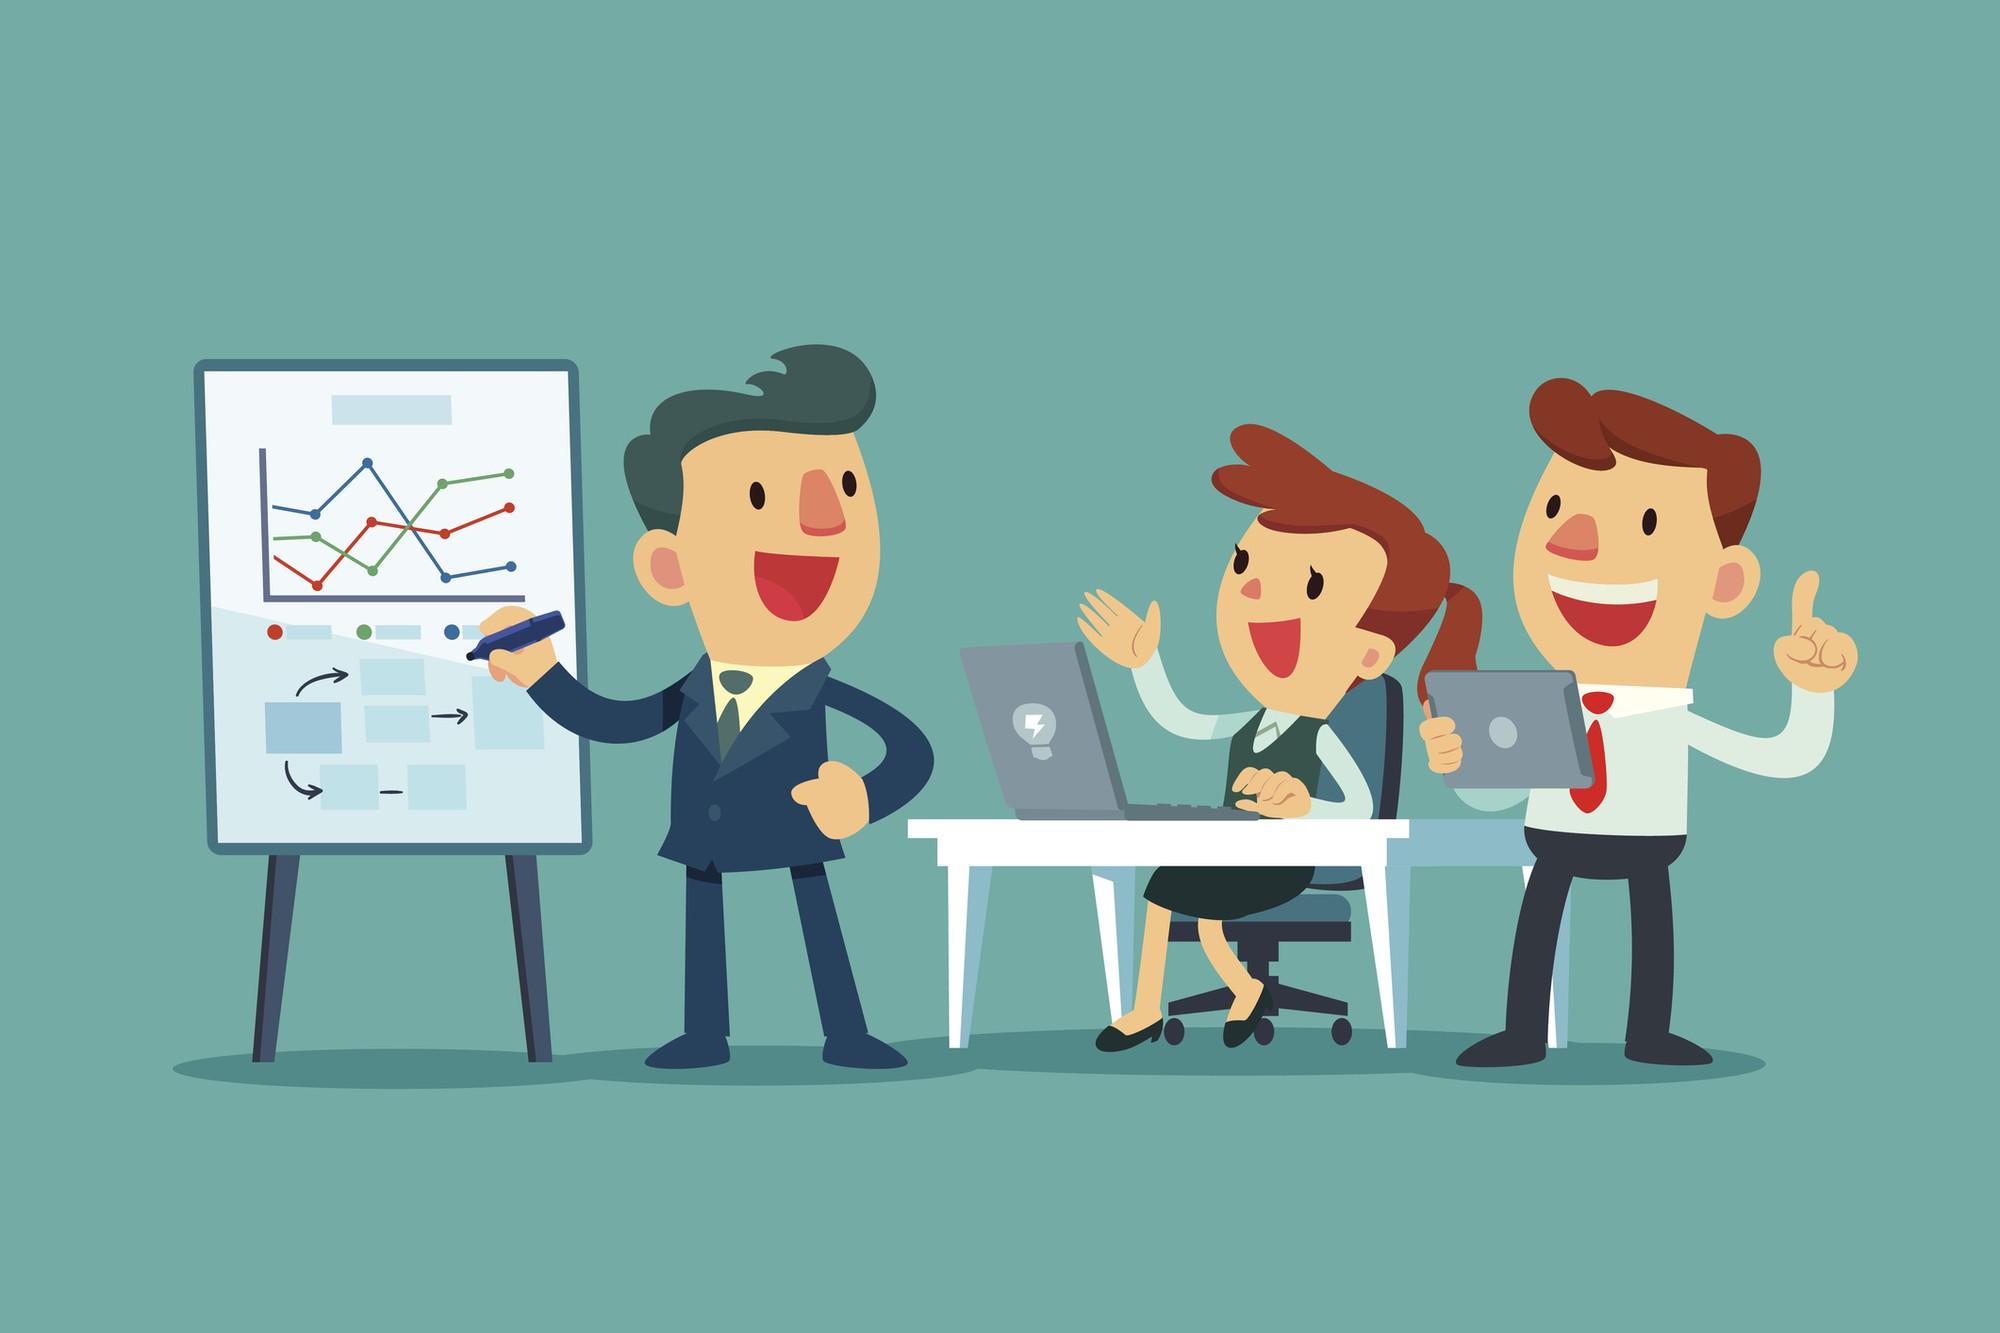 Sự cần thiết của các mẫu Hợp Đồng trong quá trình hoạt động kinh doanh -  DealPro